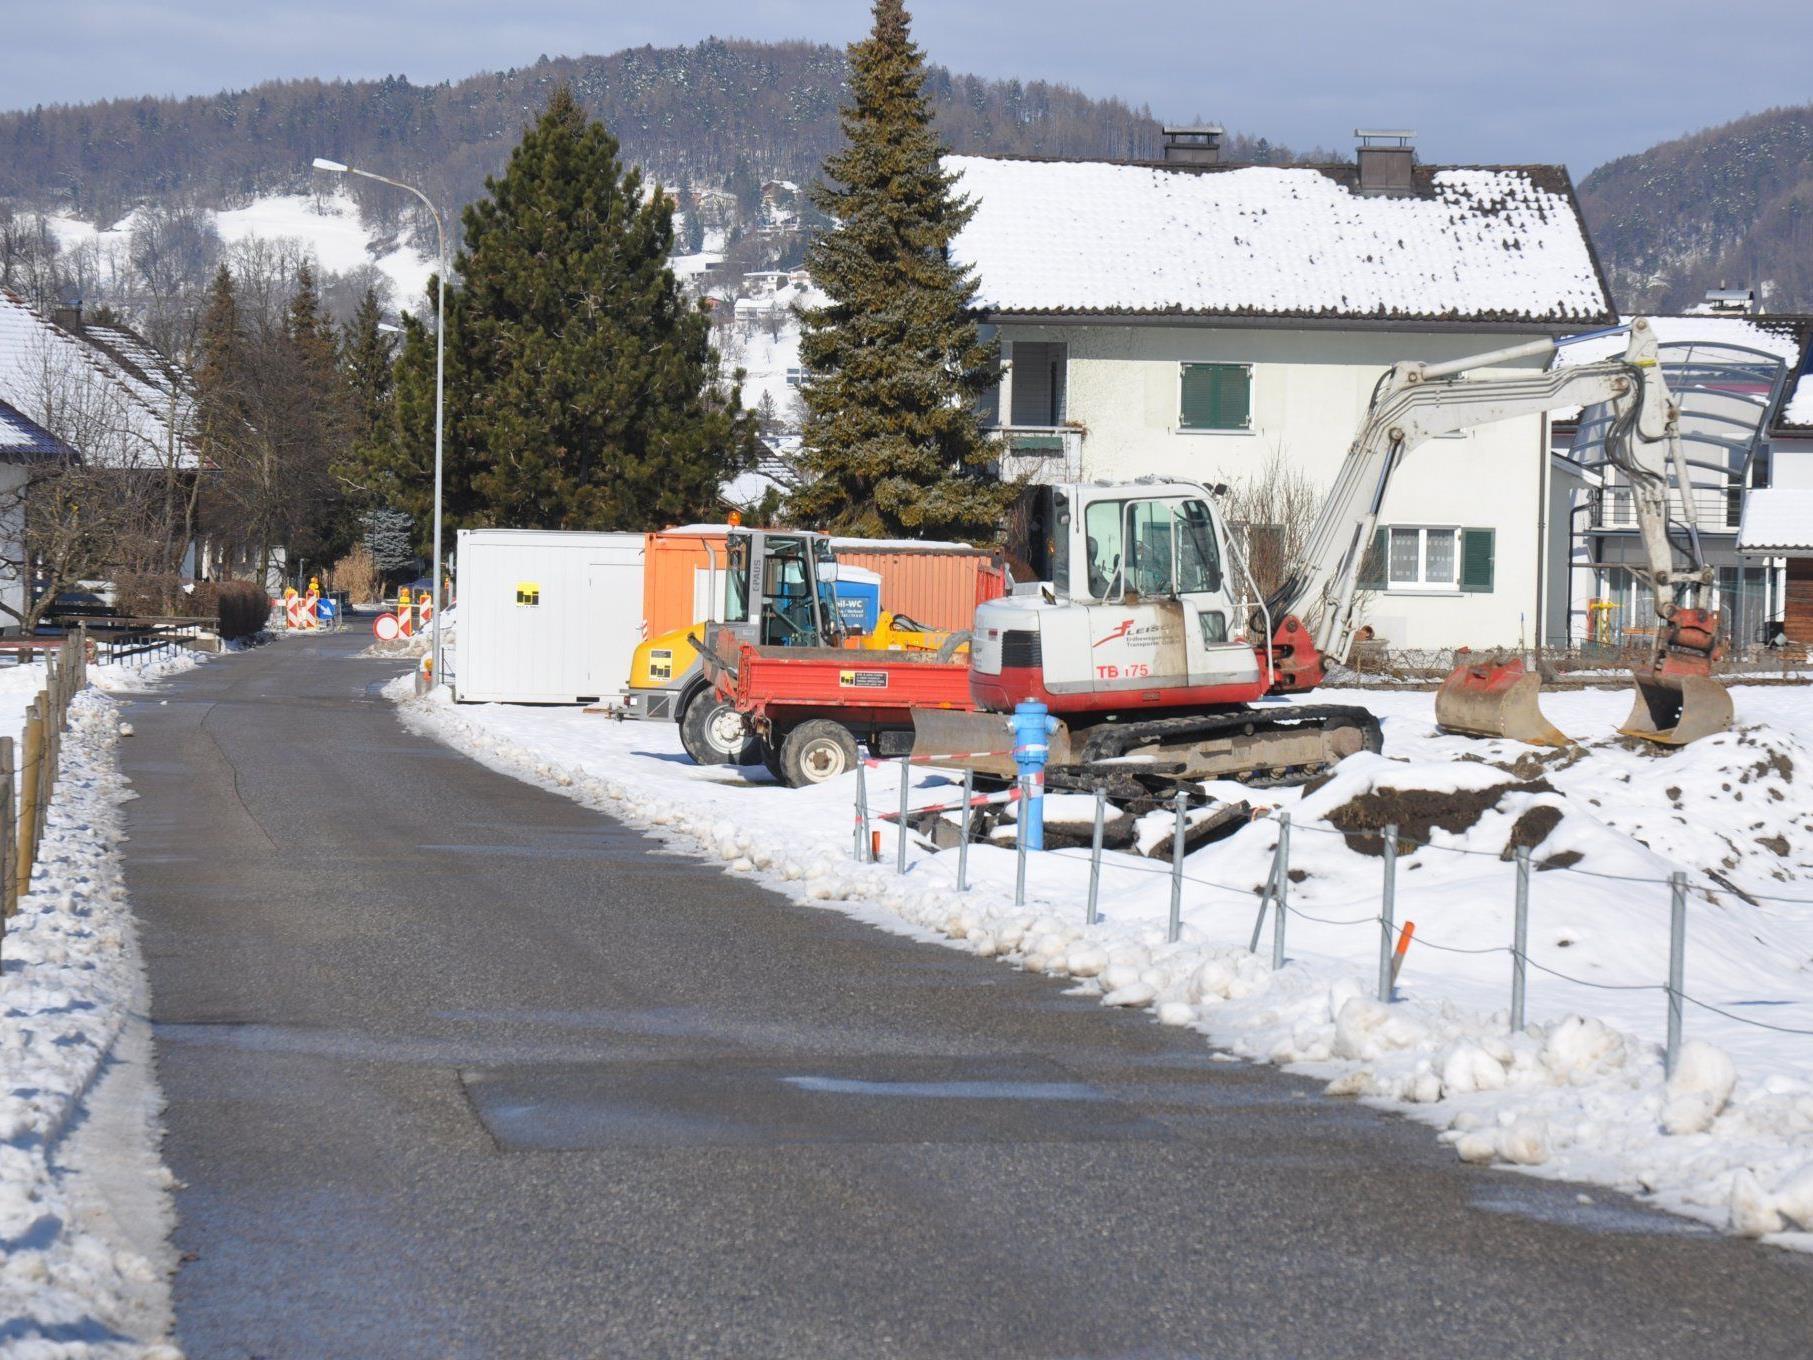 Baustop bei der Wasserversorgungsanlage Roemerweg aufgrund der großen Kälte